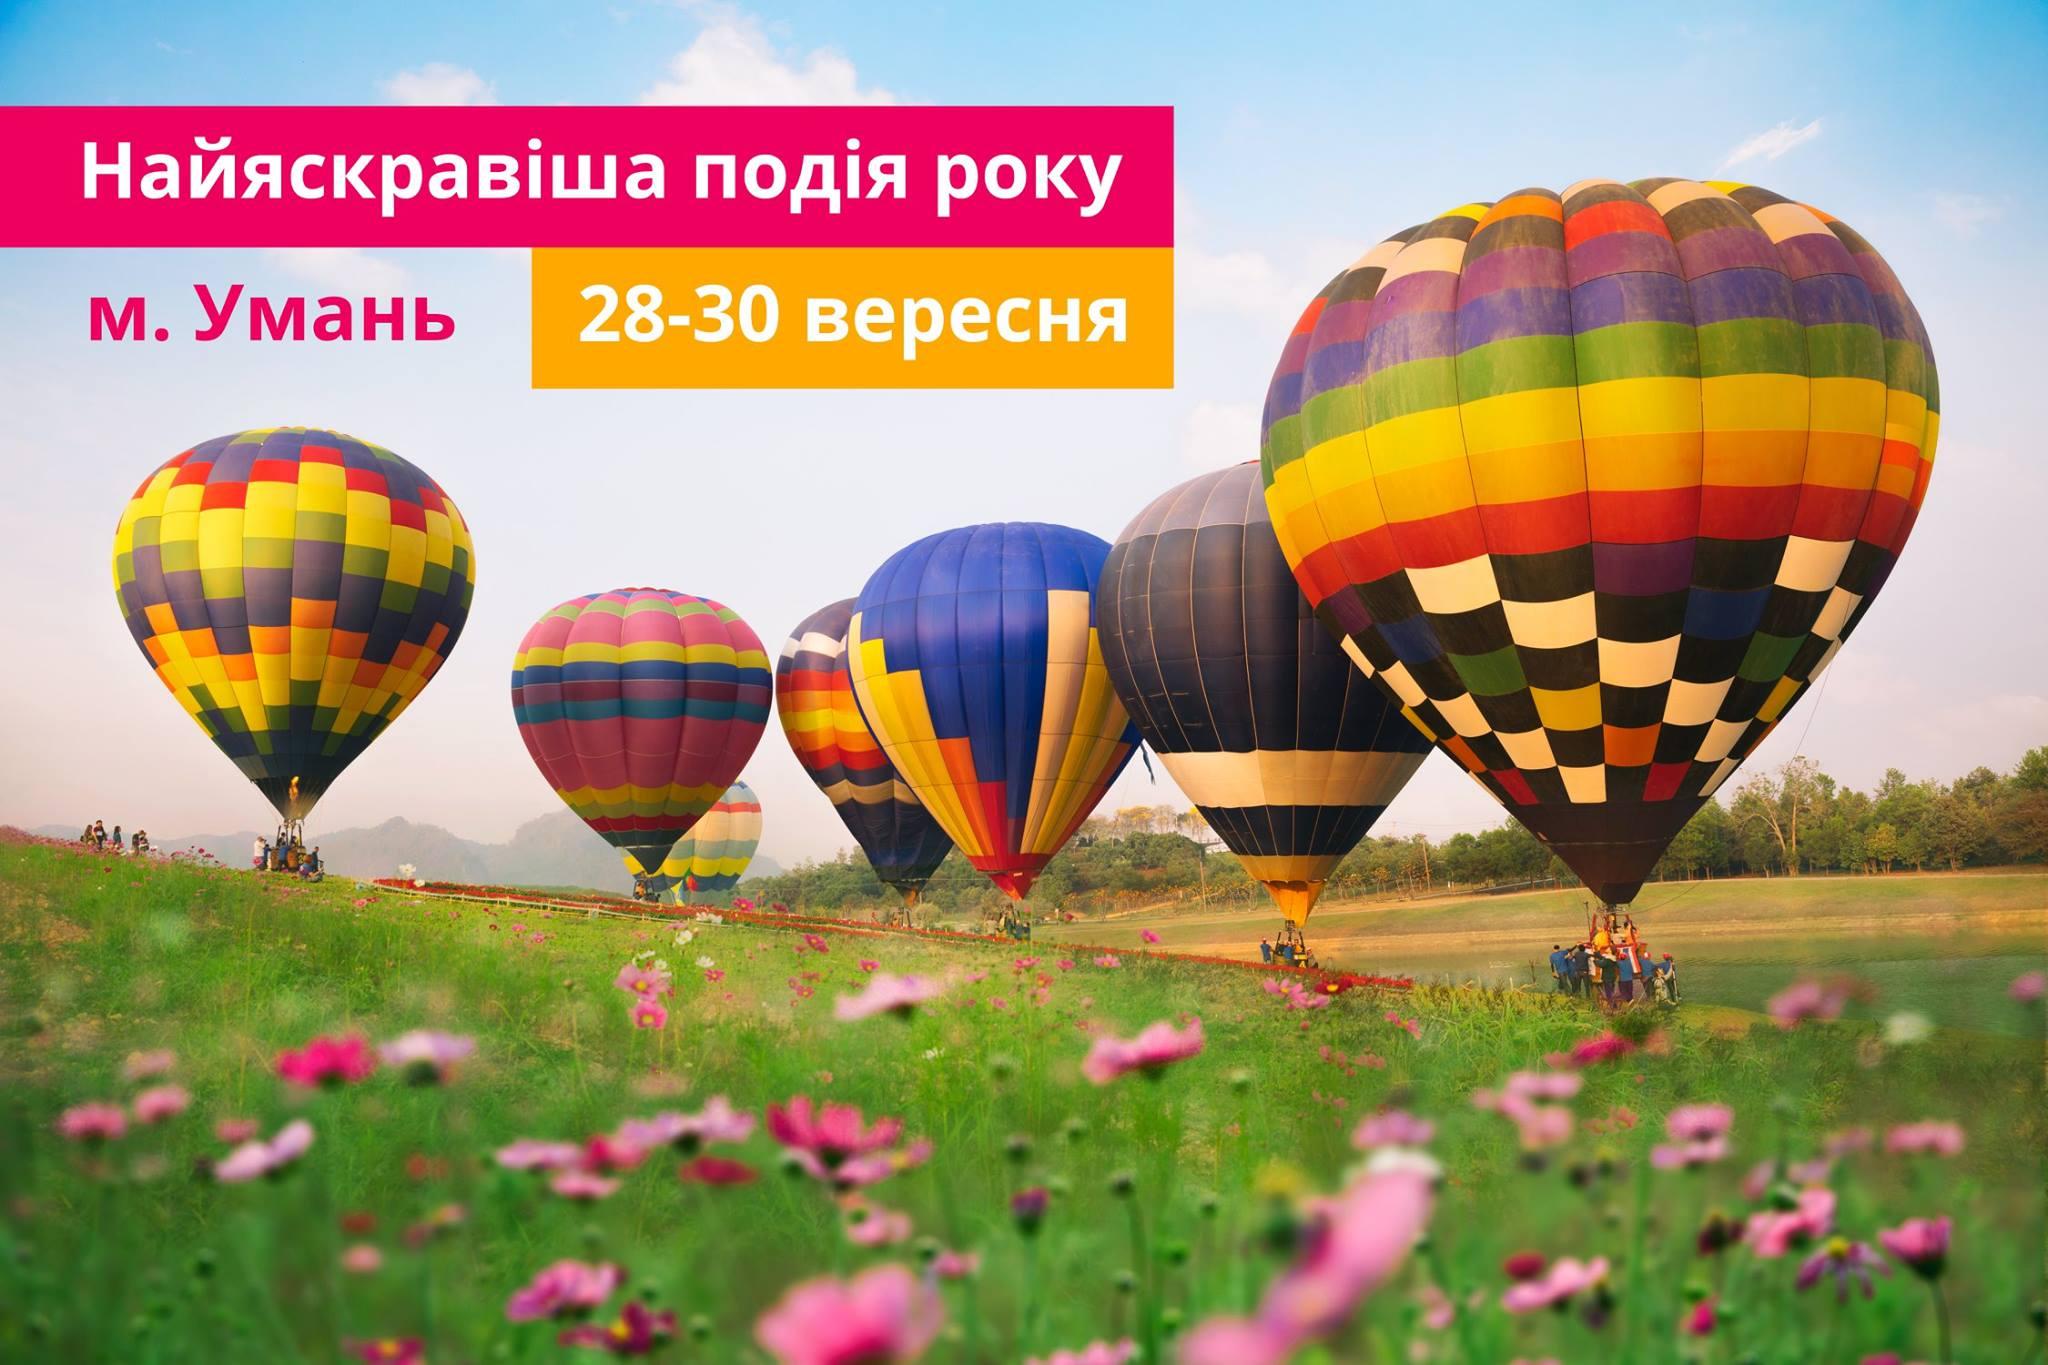 В Умани состоятся чемпионат Украины по воздухоплавательному спорту и международный фестиваль …